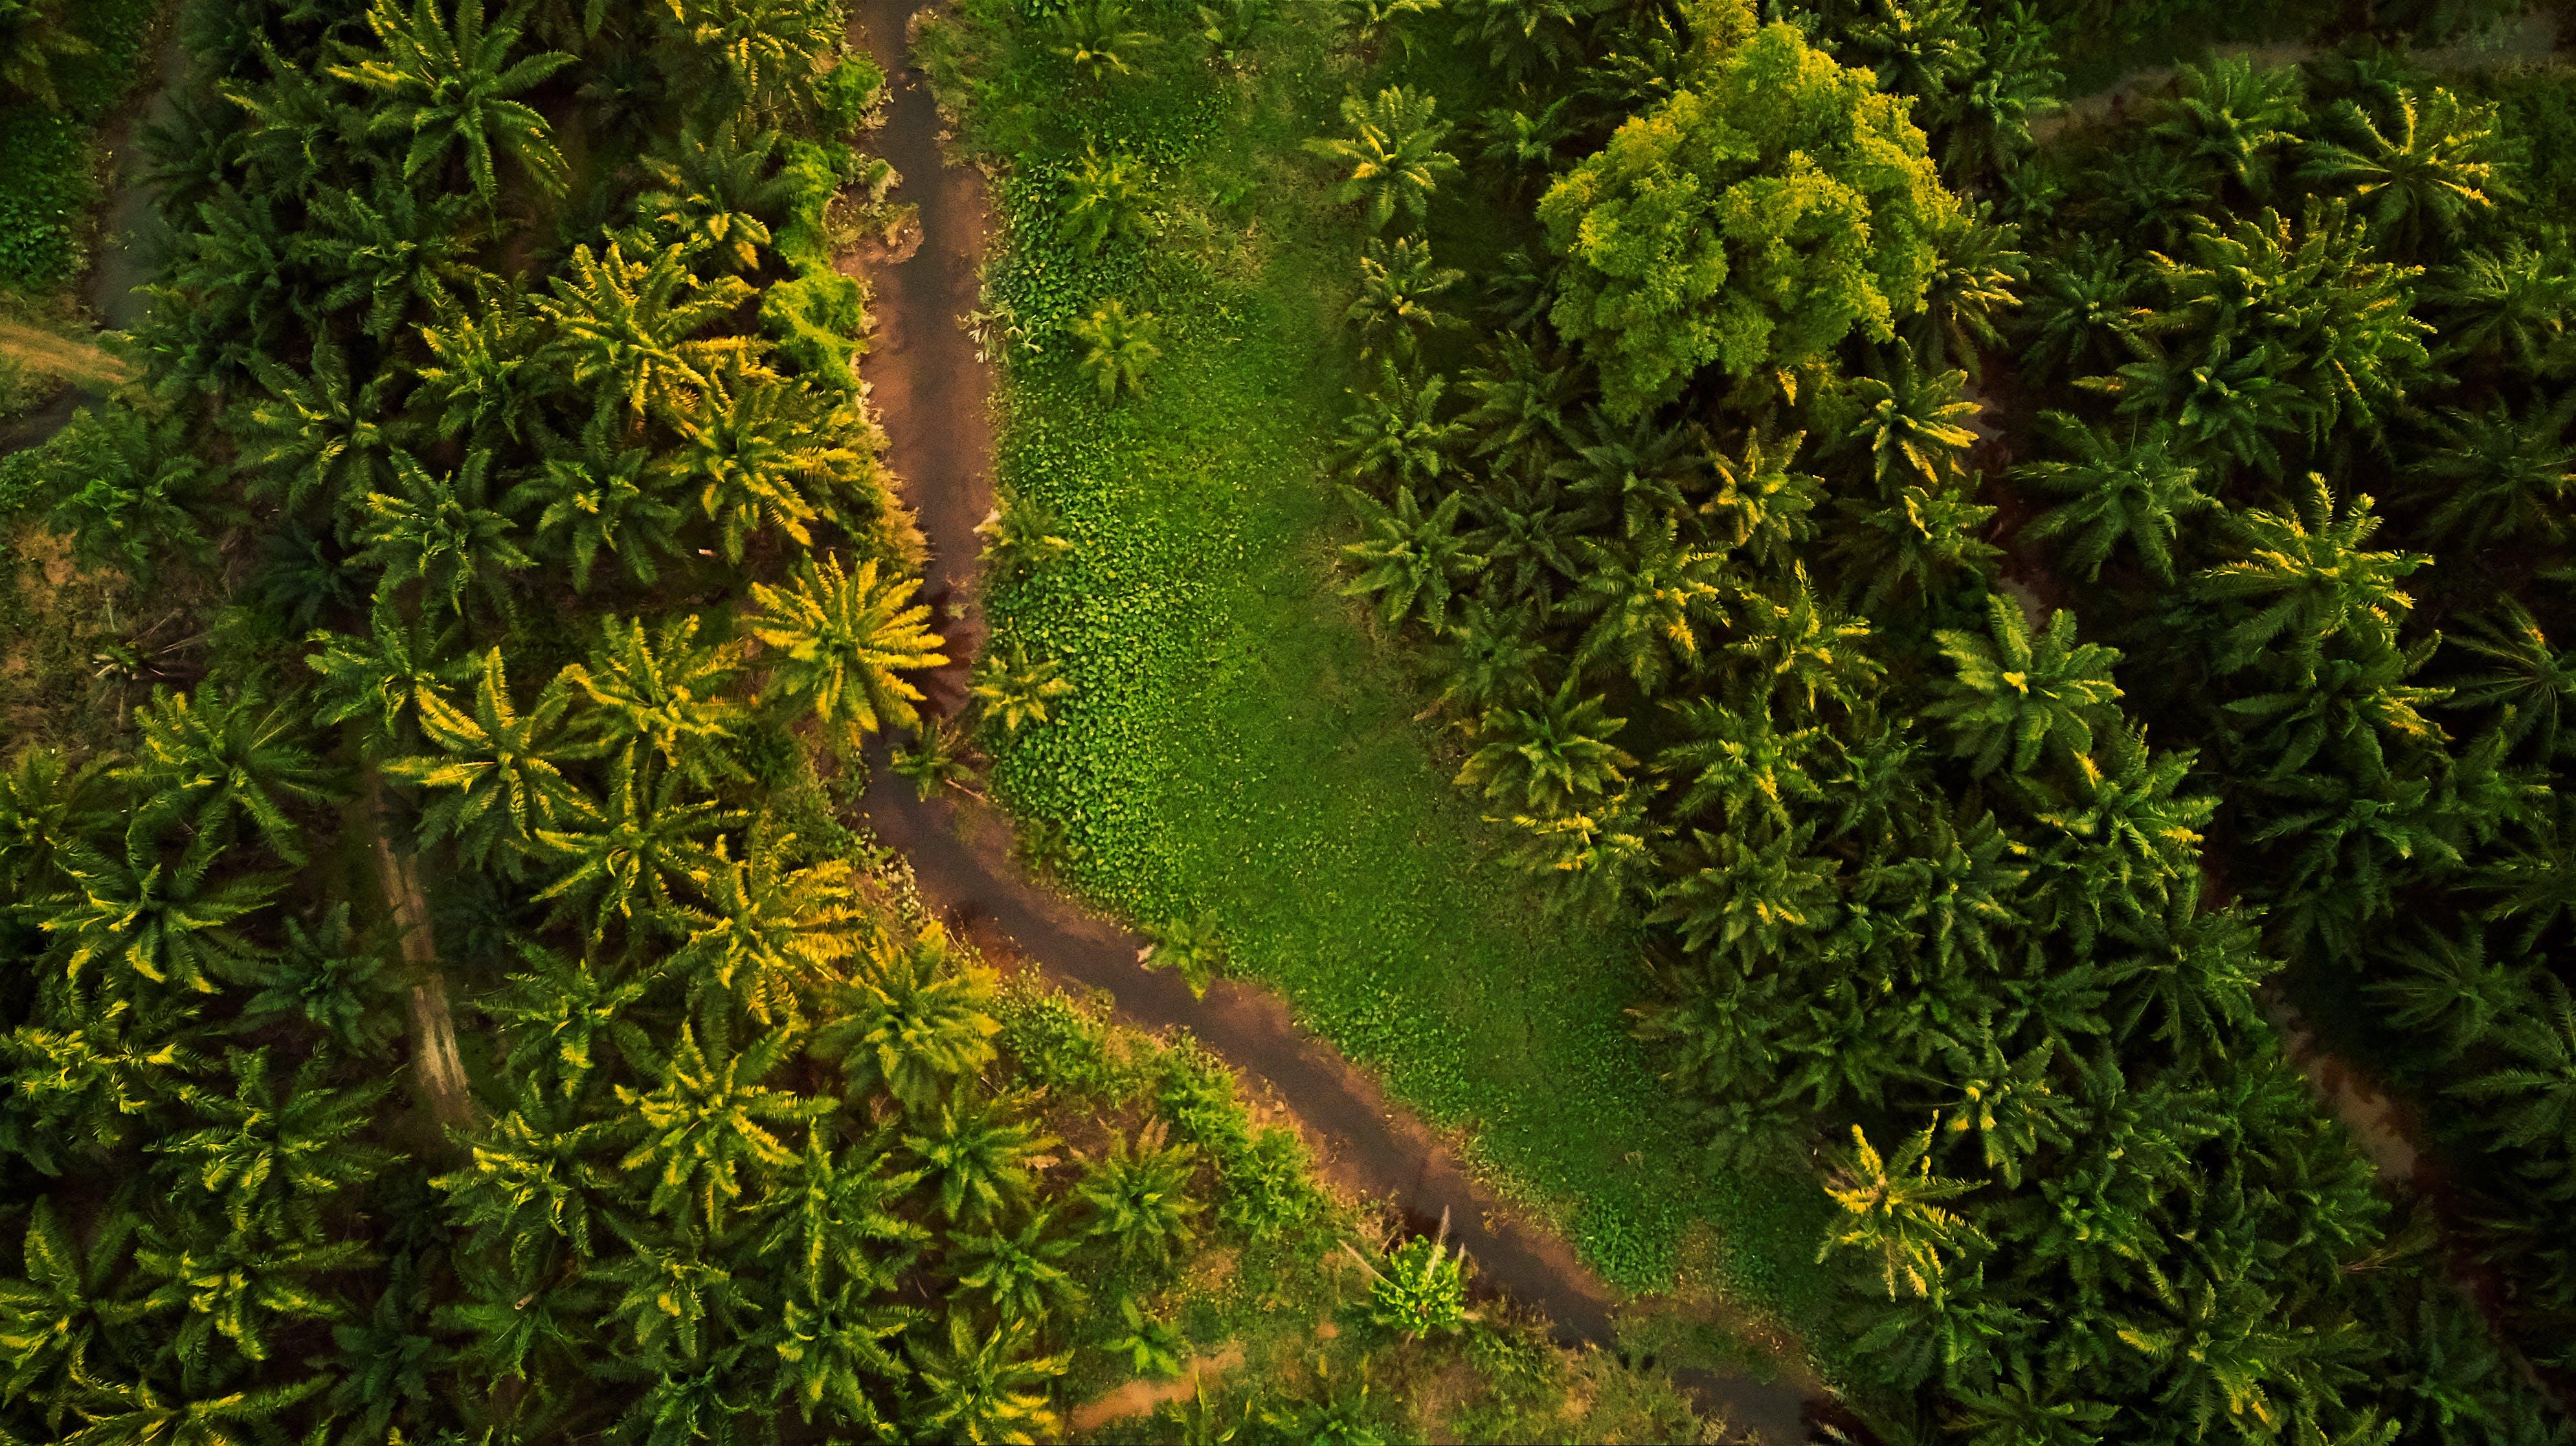 Foto d'estoc gratuïta de arbres, carretera sense asfaltar, foto des d'un dron, fotografia aèria